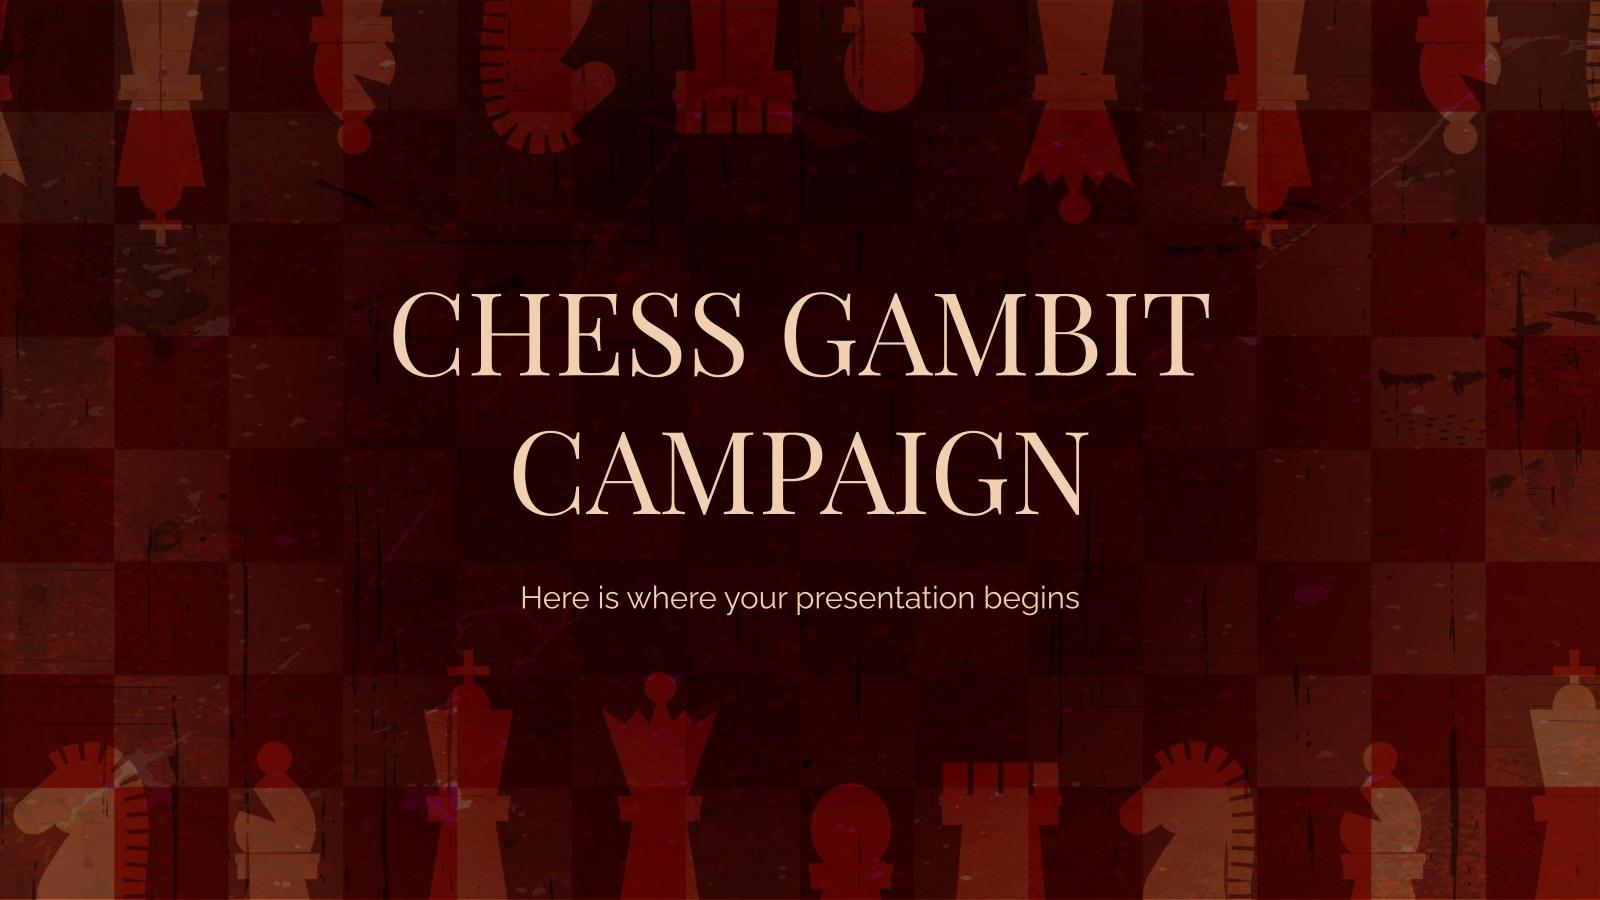 Plantilla de presentación Campaña gambito de ajedrez